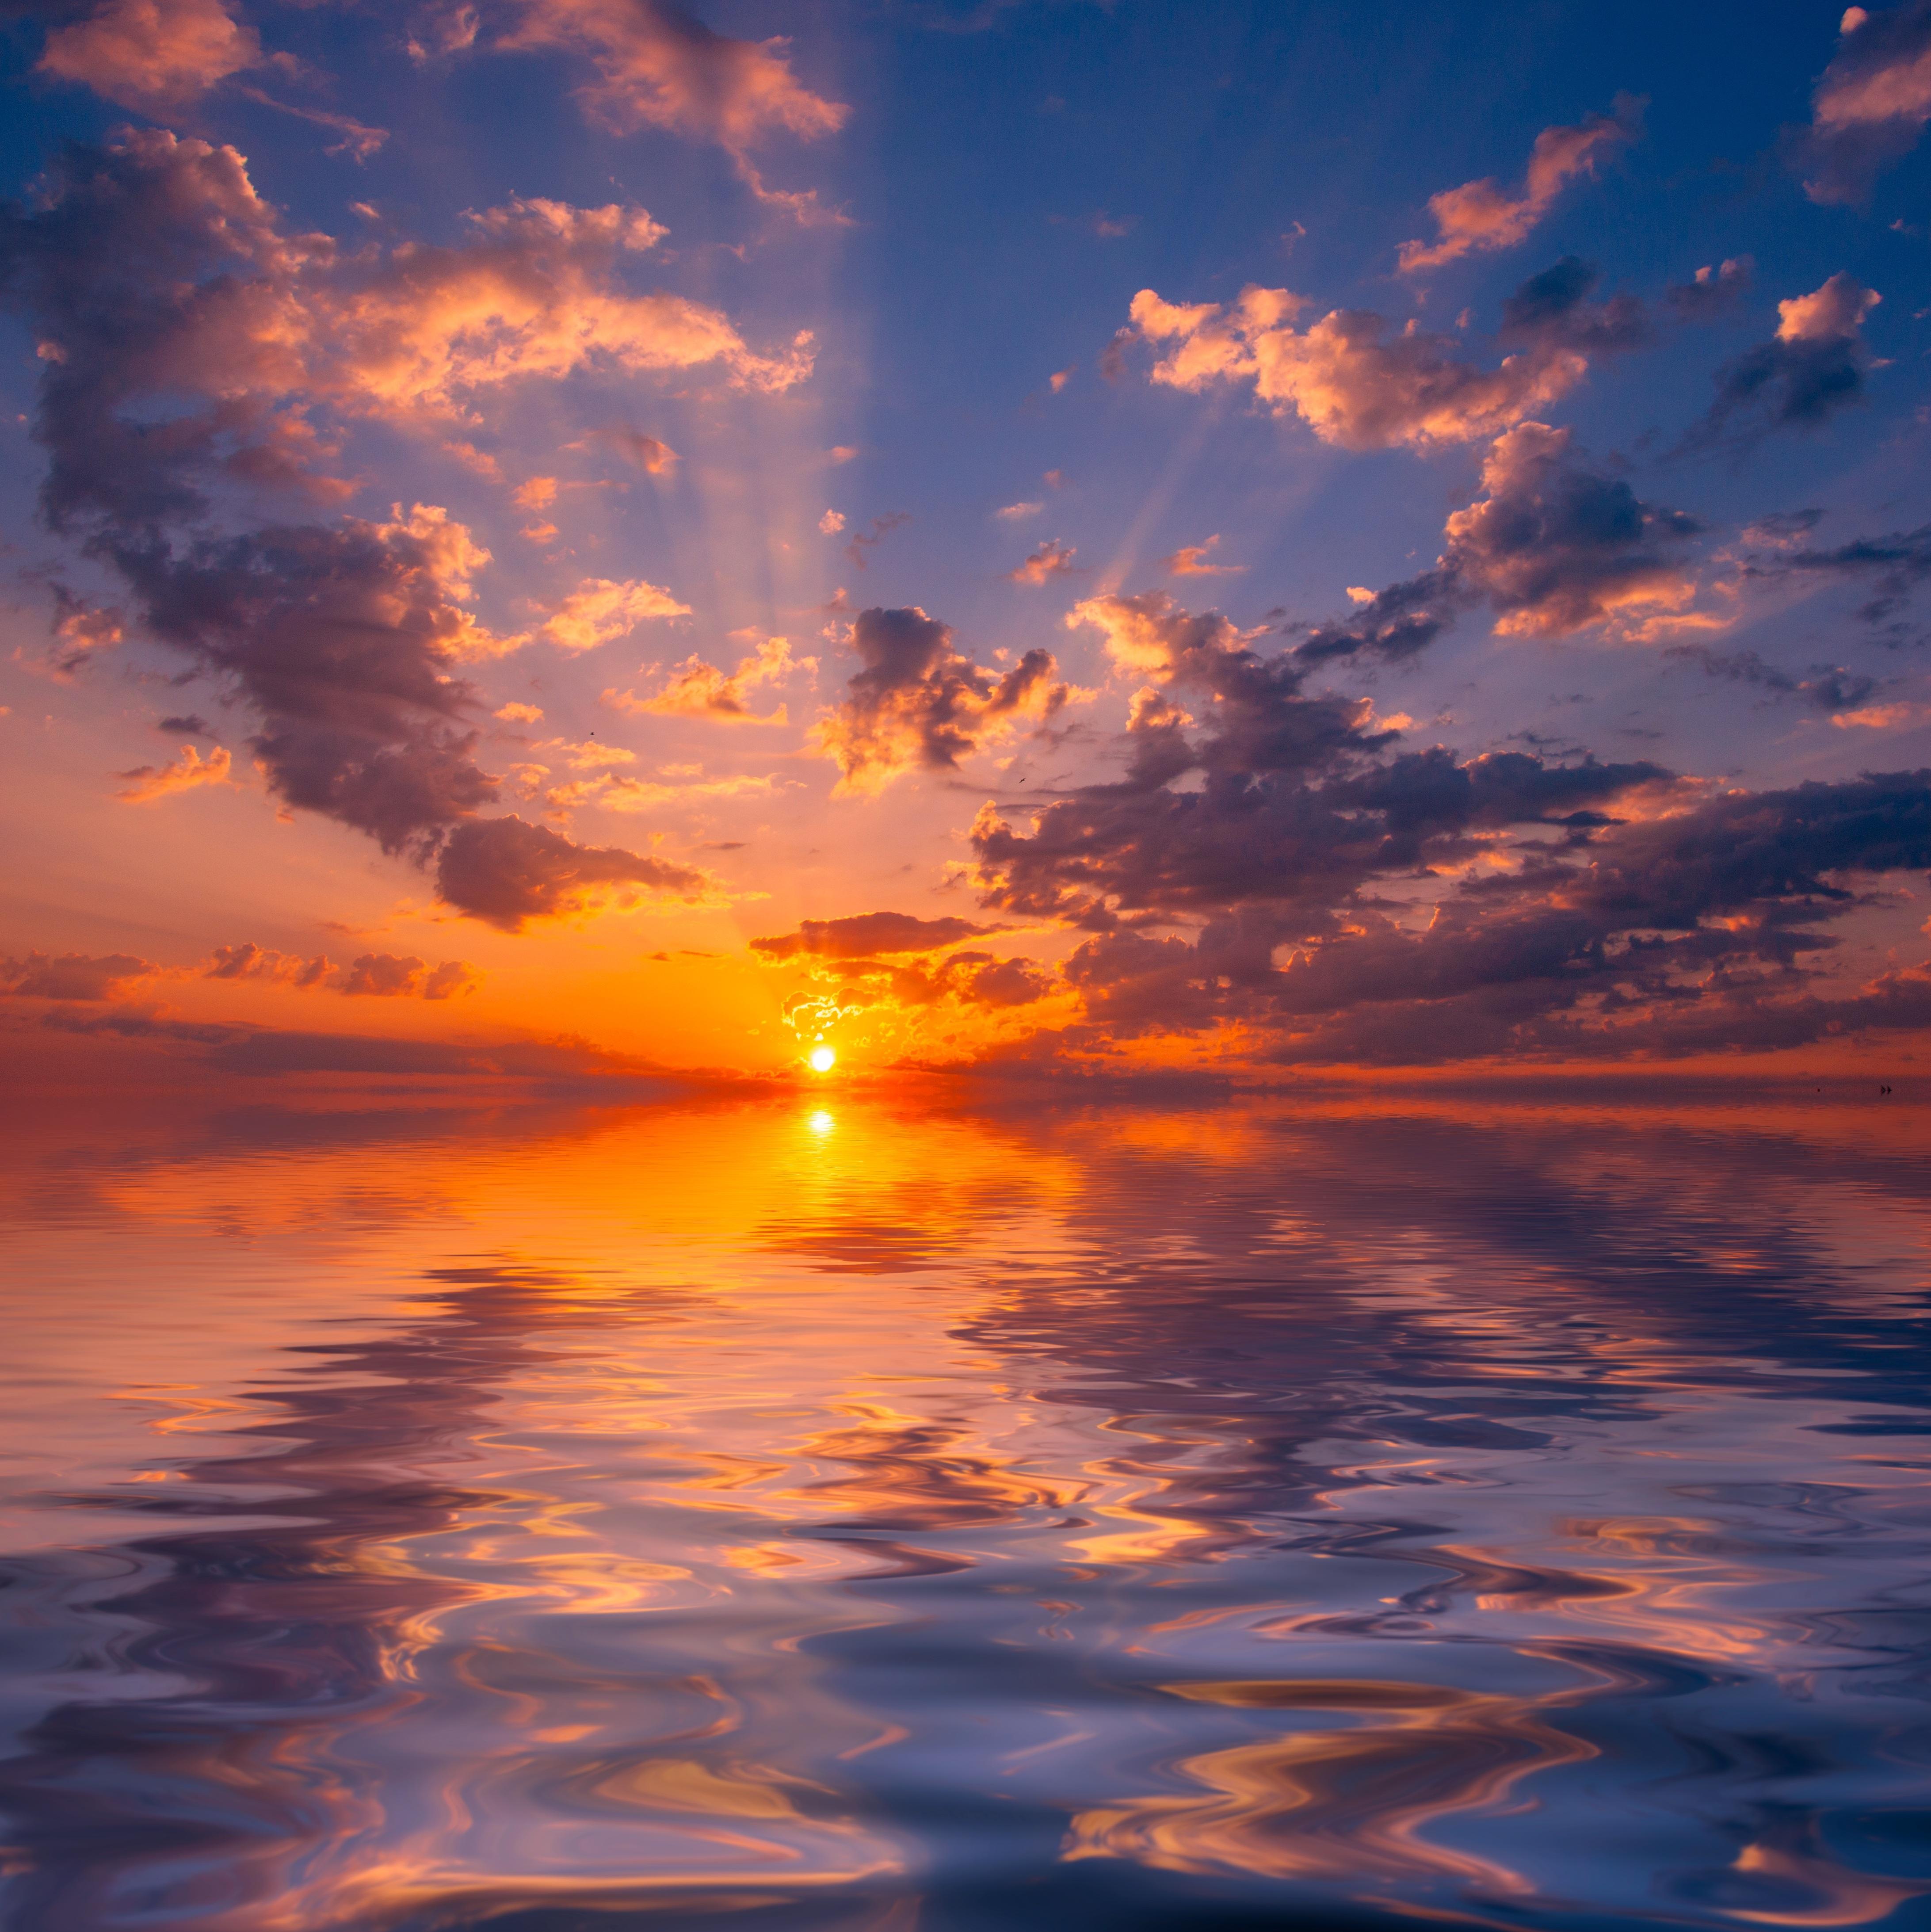 102102 скачать обои Облака, Море, Закат, Природа, Солнце, Горизонт, Отражение - заставки и картинки бесплатно